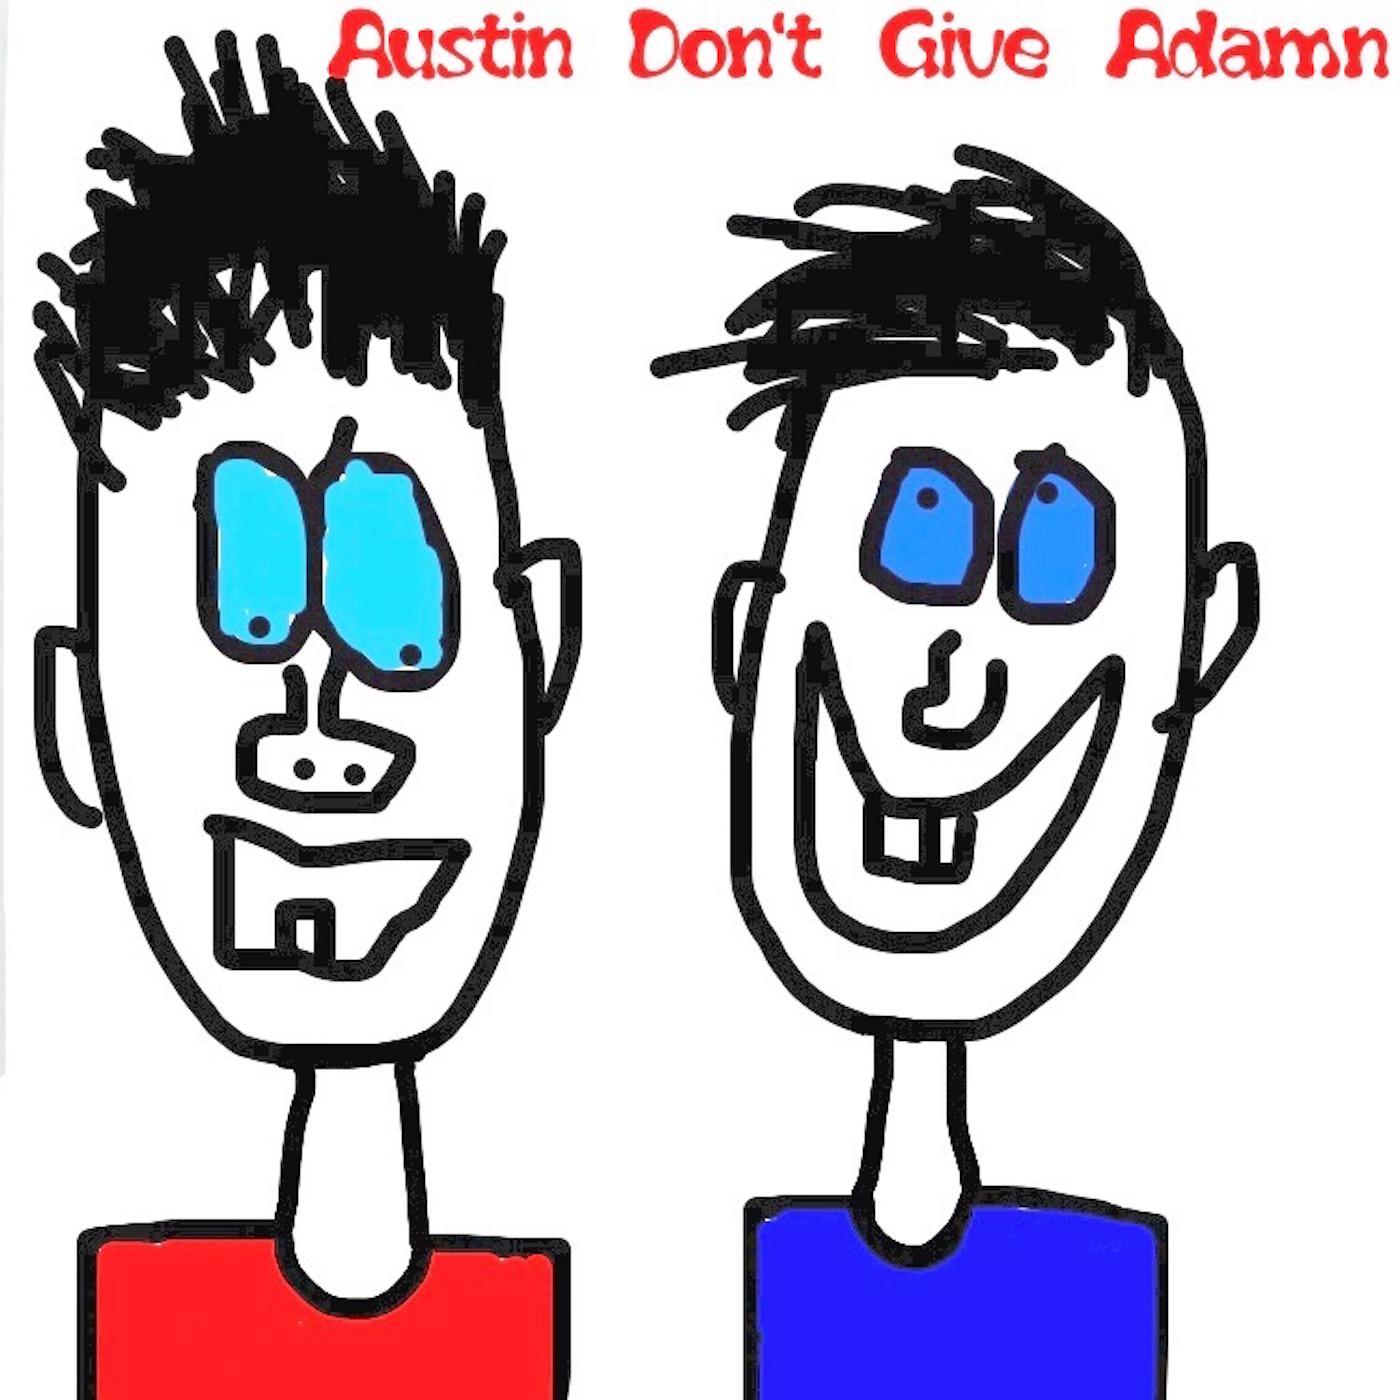 Austin Don't Give Adamn